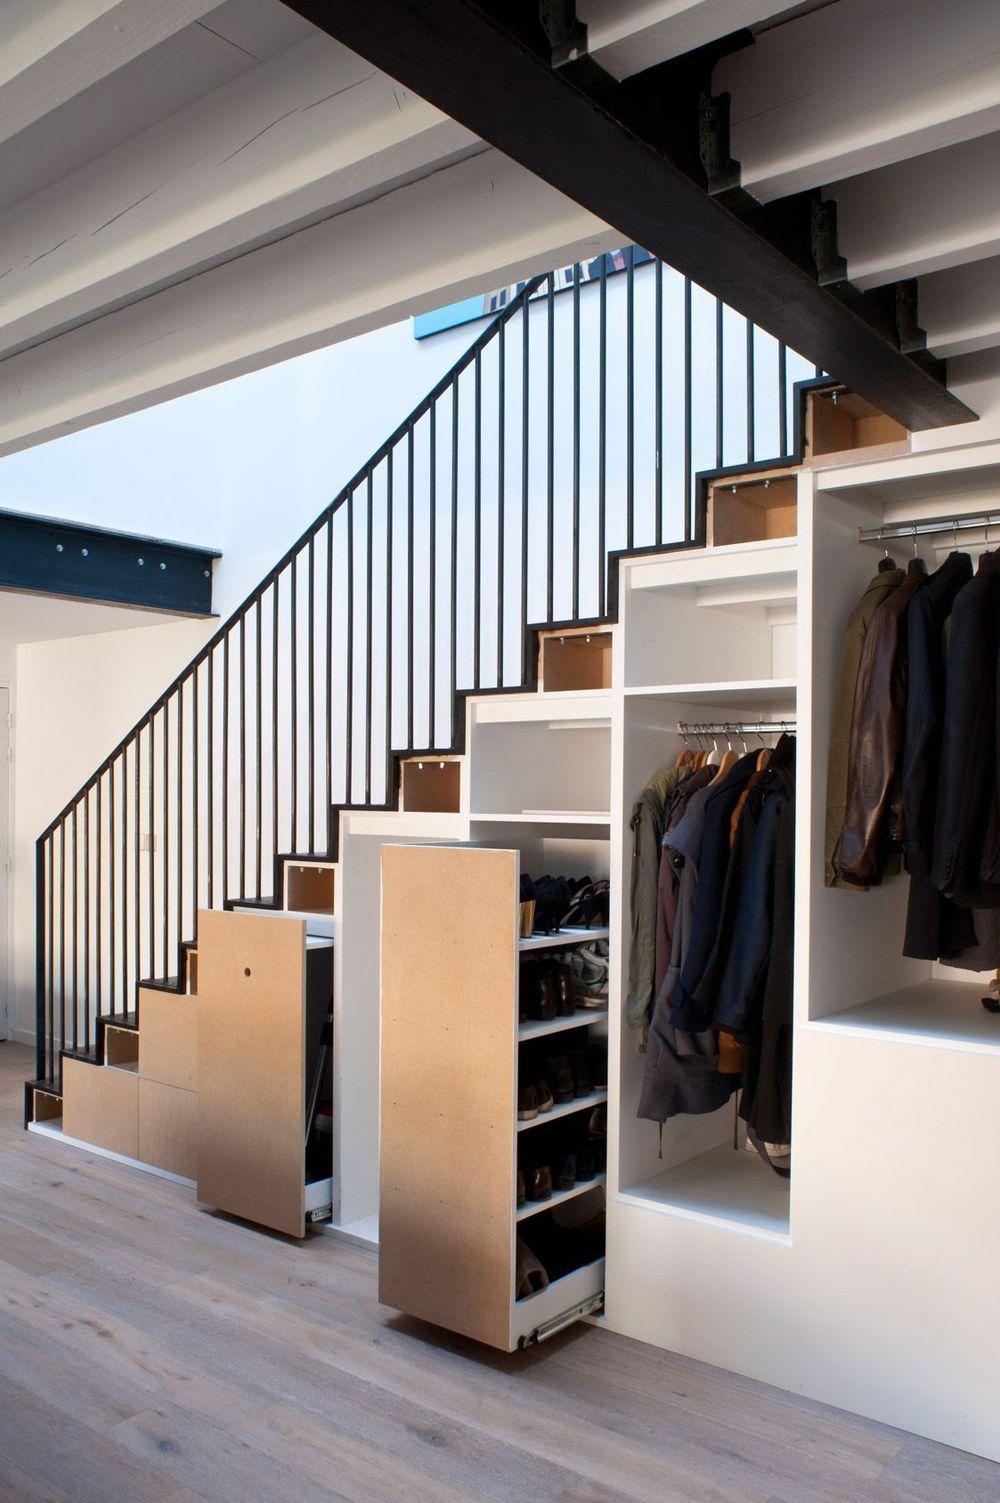 longère moderne : 210 m2 à montreuil | déco - escaliers | pinterest